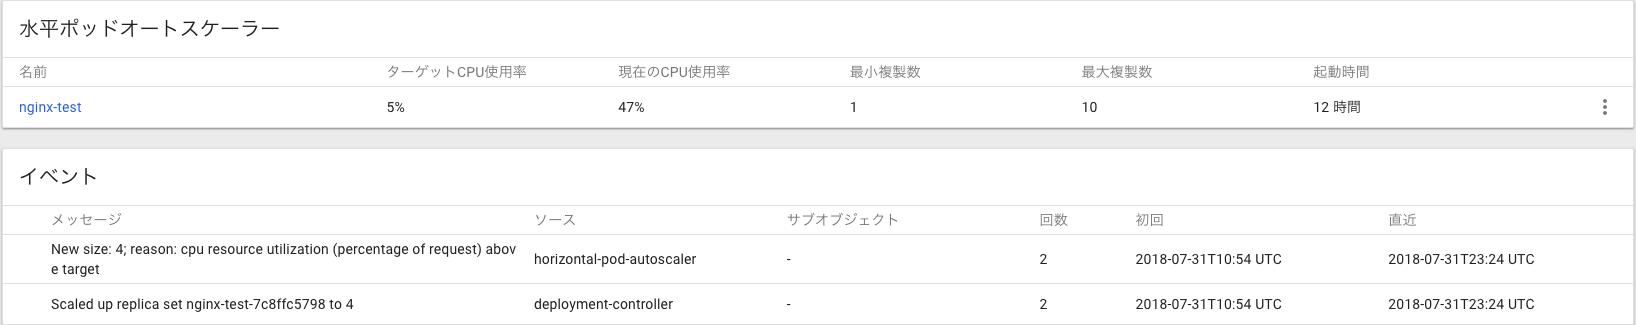 スクリーンショット 2018-08-01 8.25.04.png